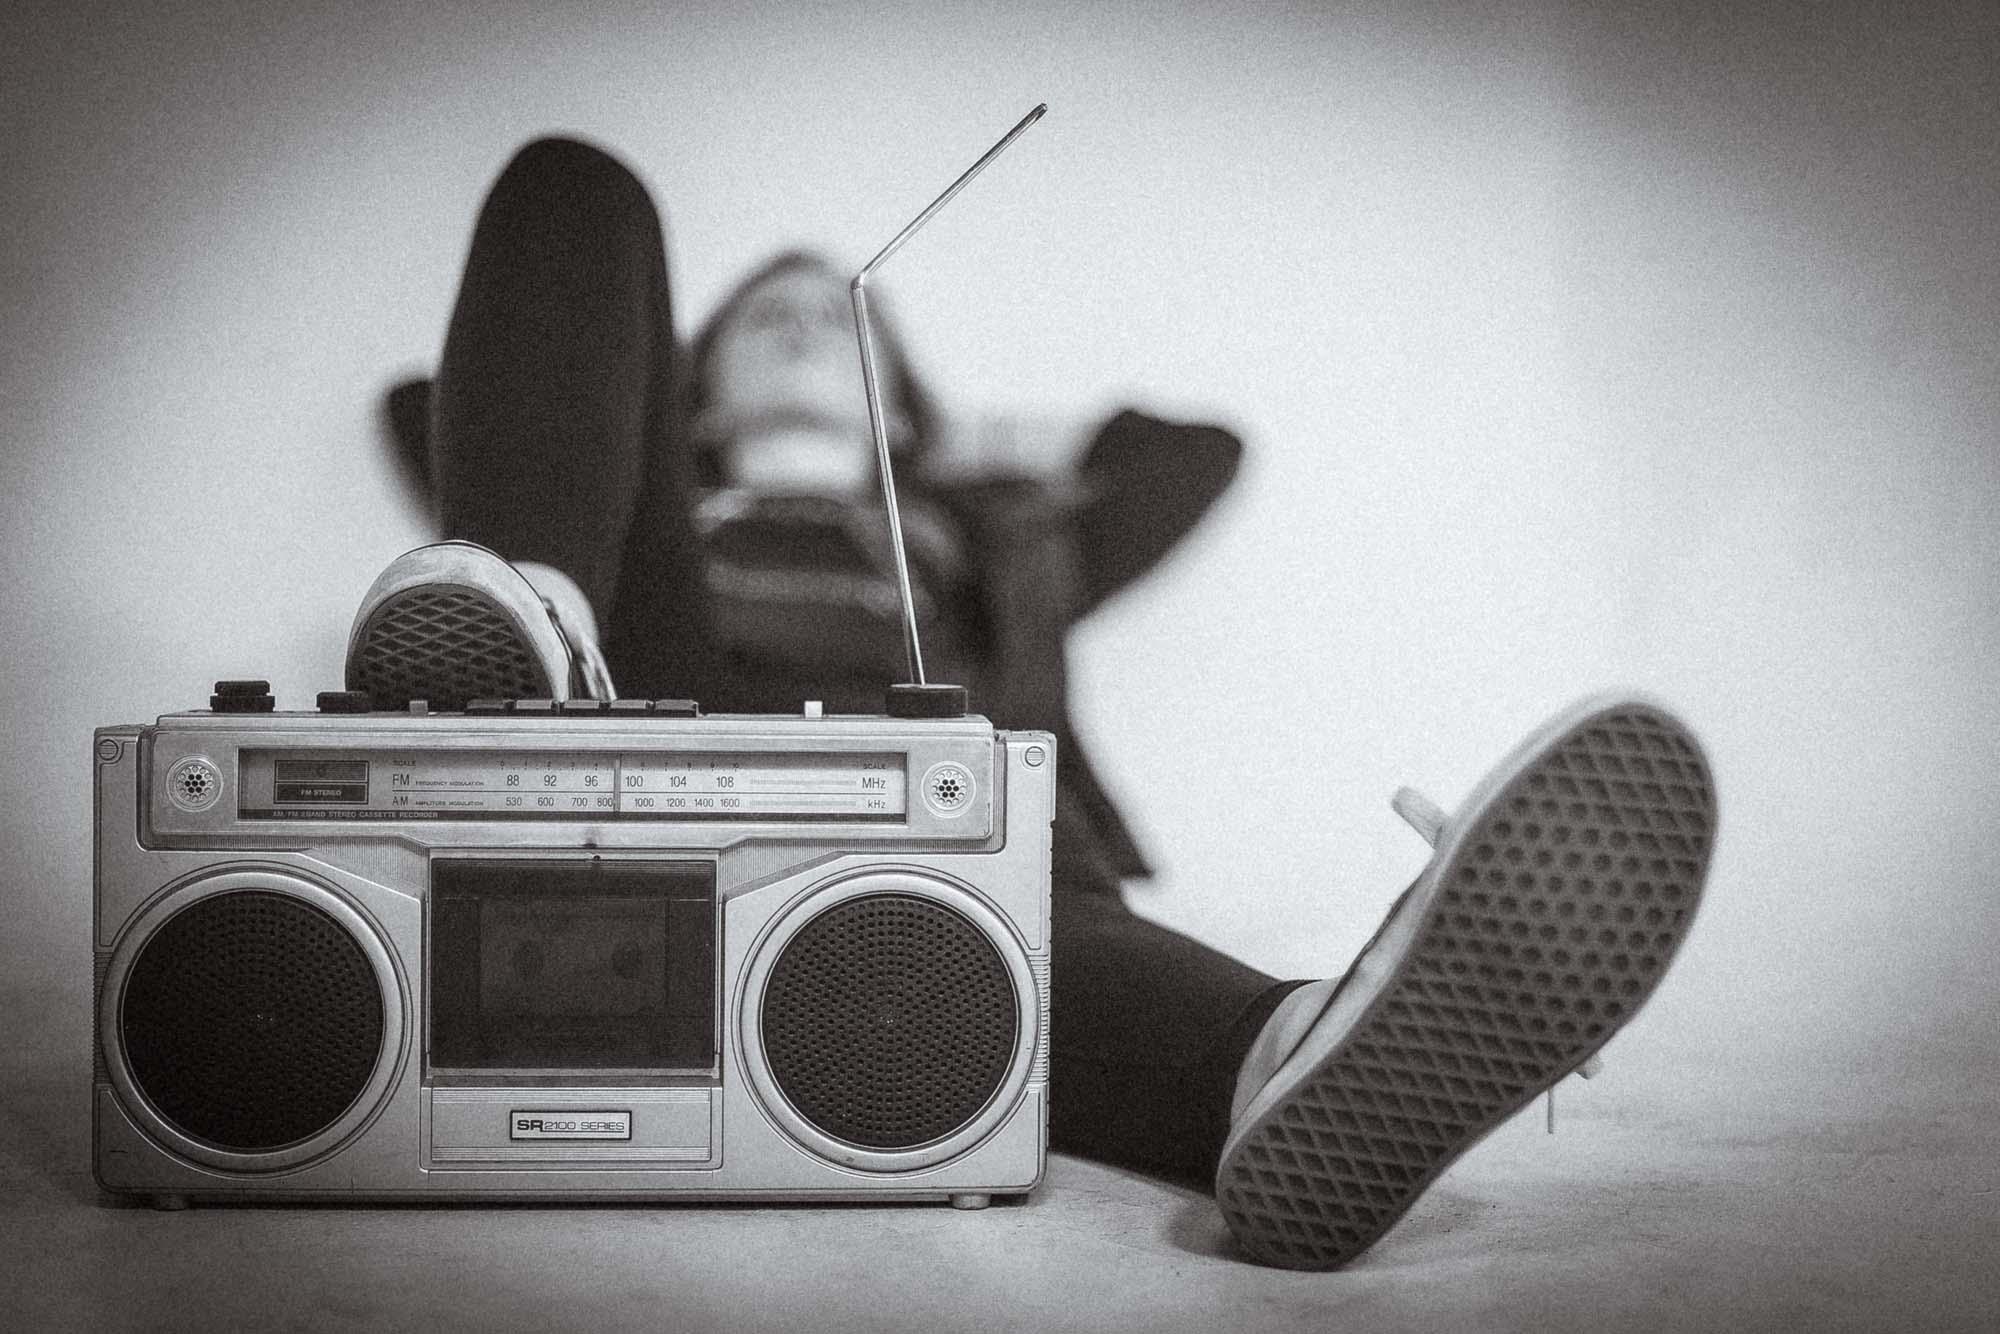 Mein Blog braucht mehr Musik! - Ich dreh mal schnell lauter!